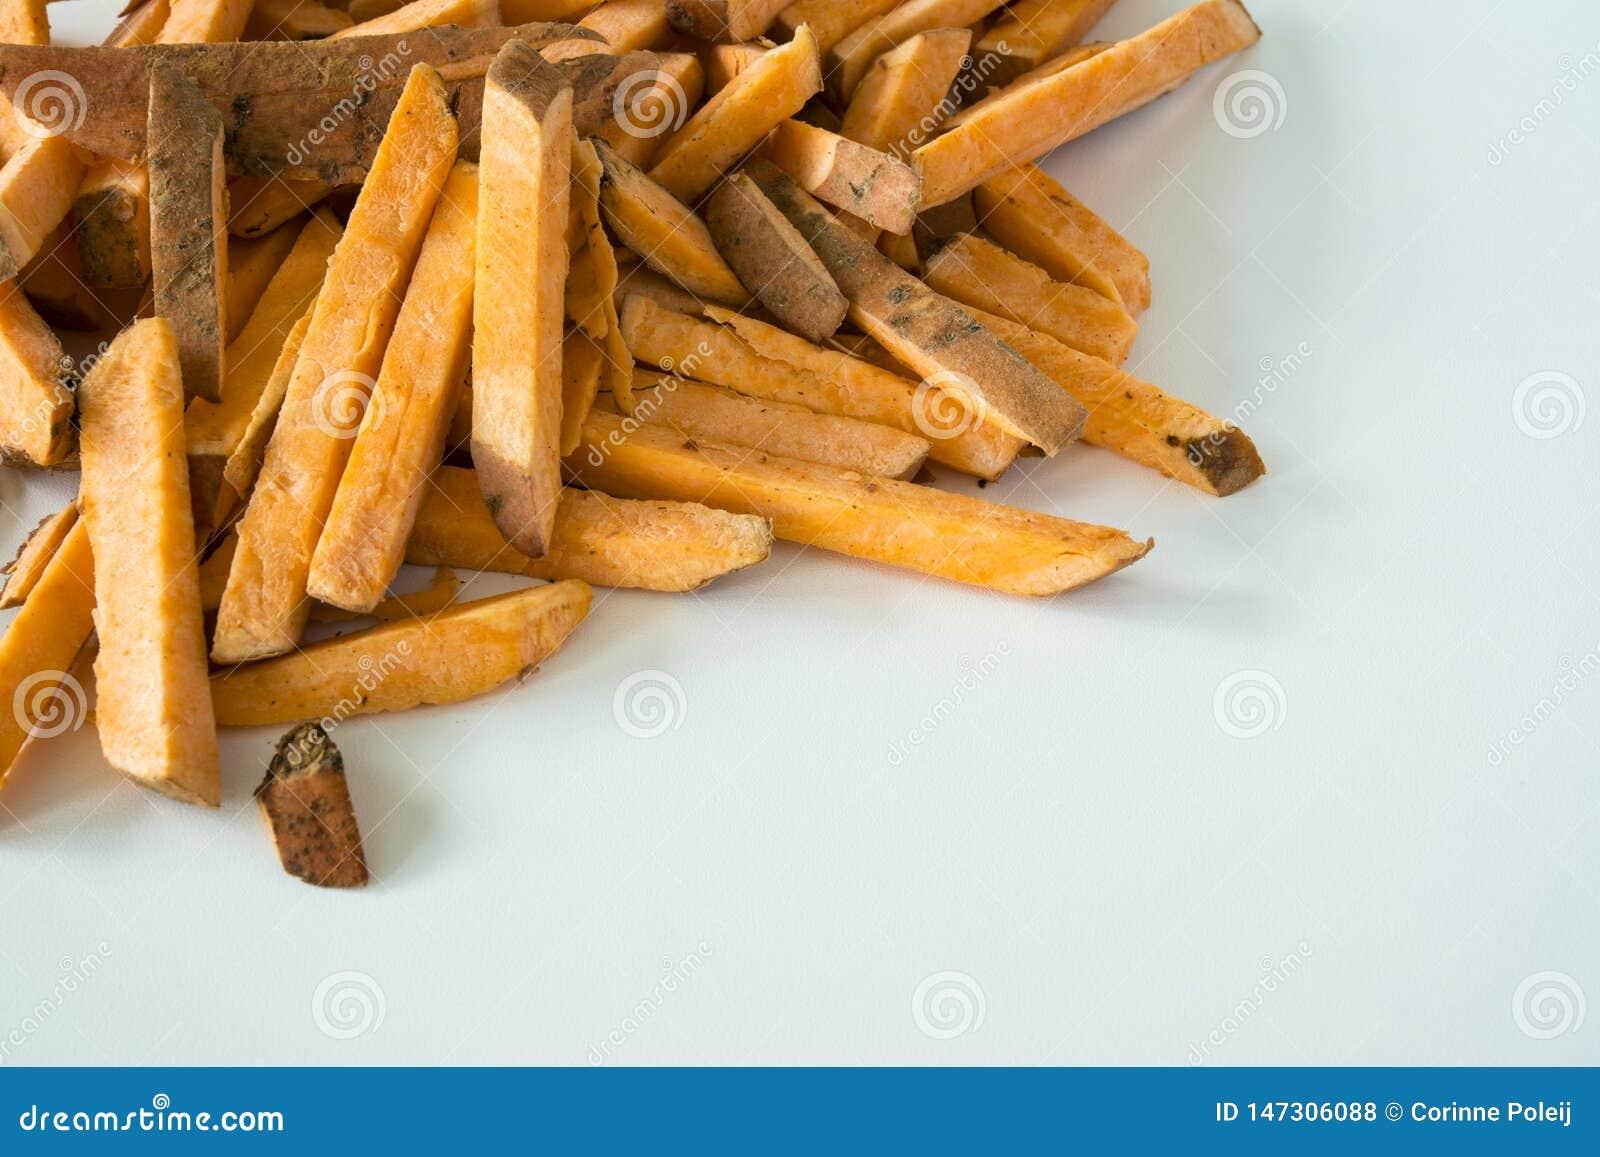 Τηγανιτές πατάτες φιαγμένες από γλυκιά πατάτα, στο άσπρο υπόβαθρο